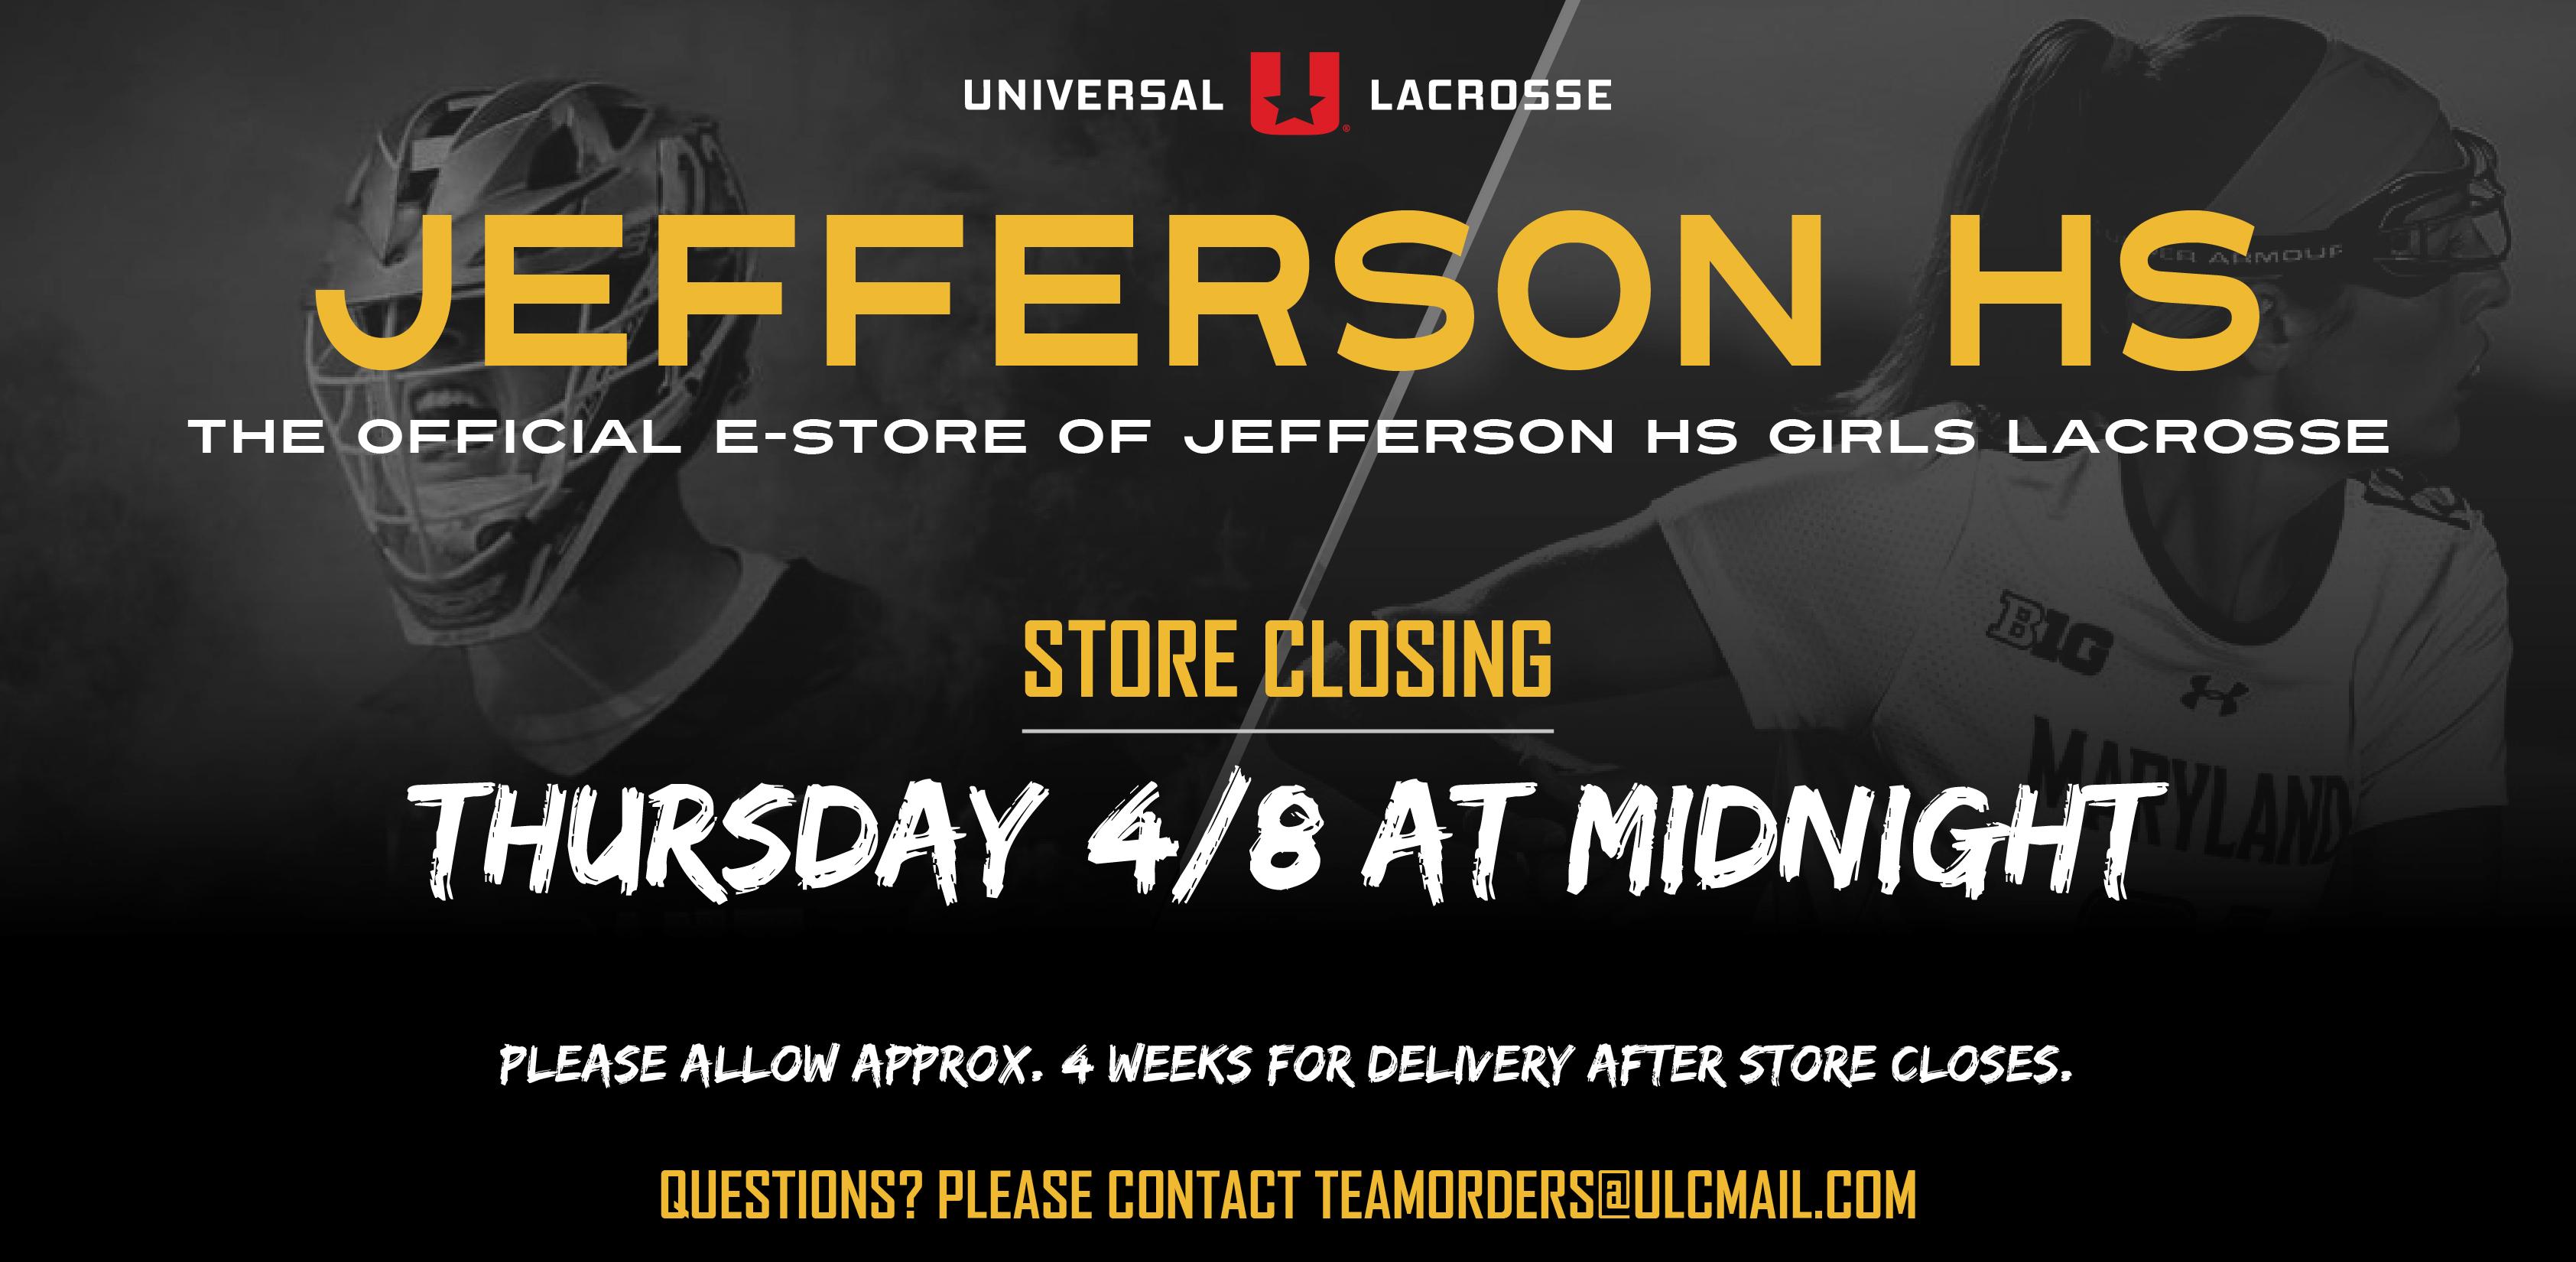 Jefferson HS Girls Lacrosse